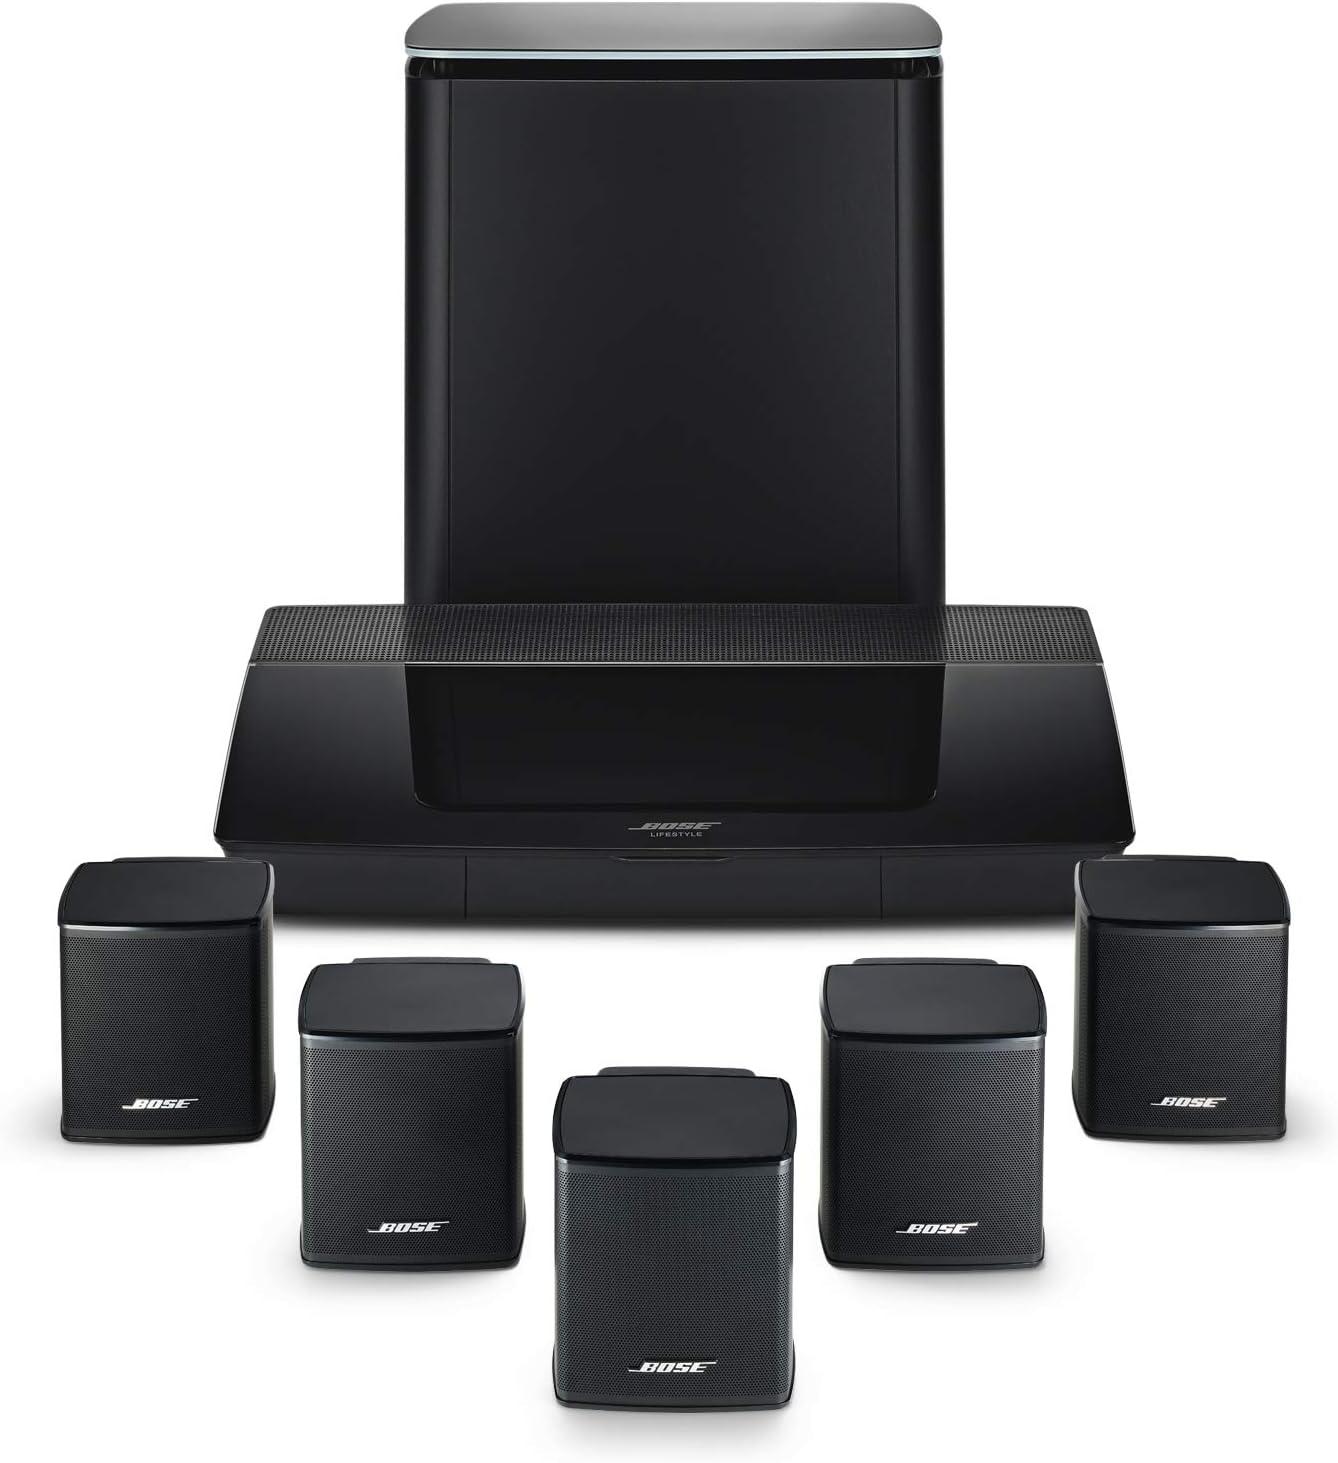 Bose Lifestyle 550 Home Entertainment System Zwart: Amazon.nl